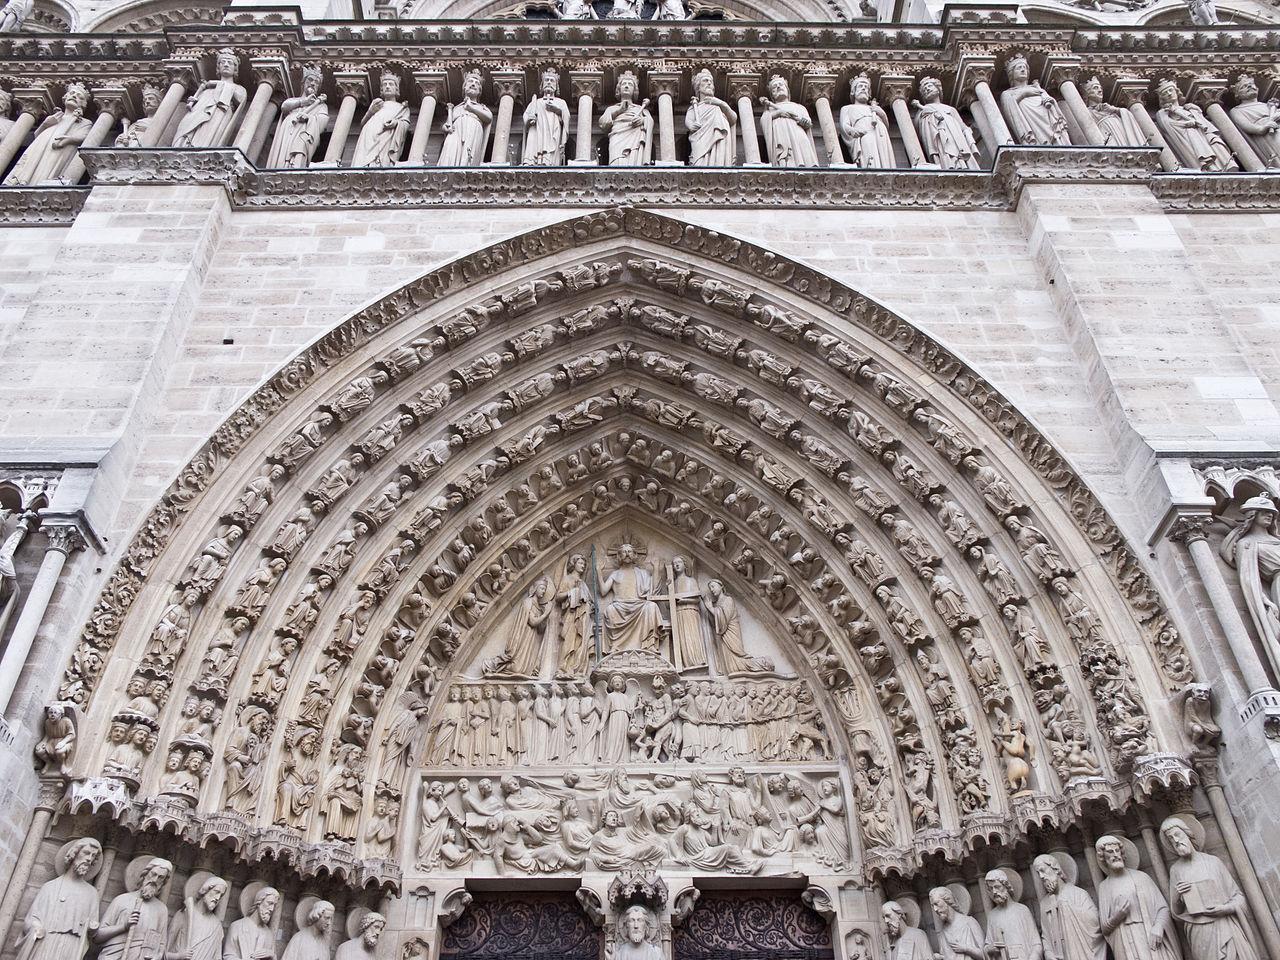 escultura juicio final Francia arte